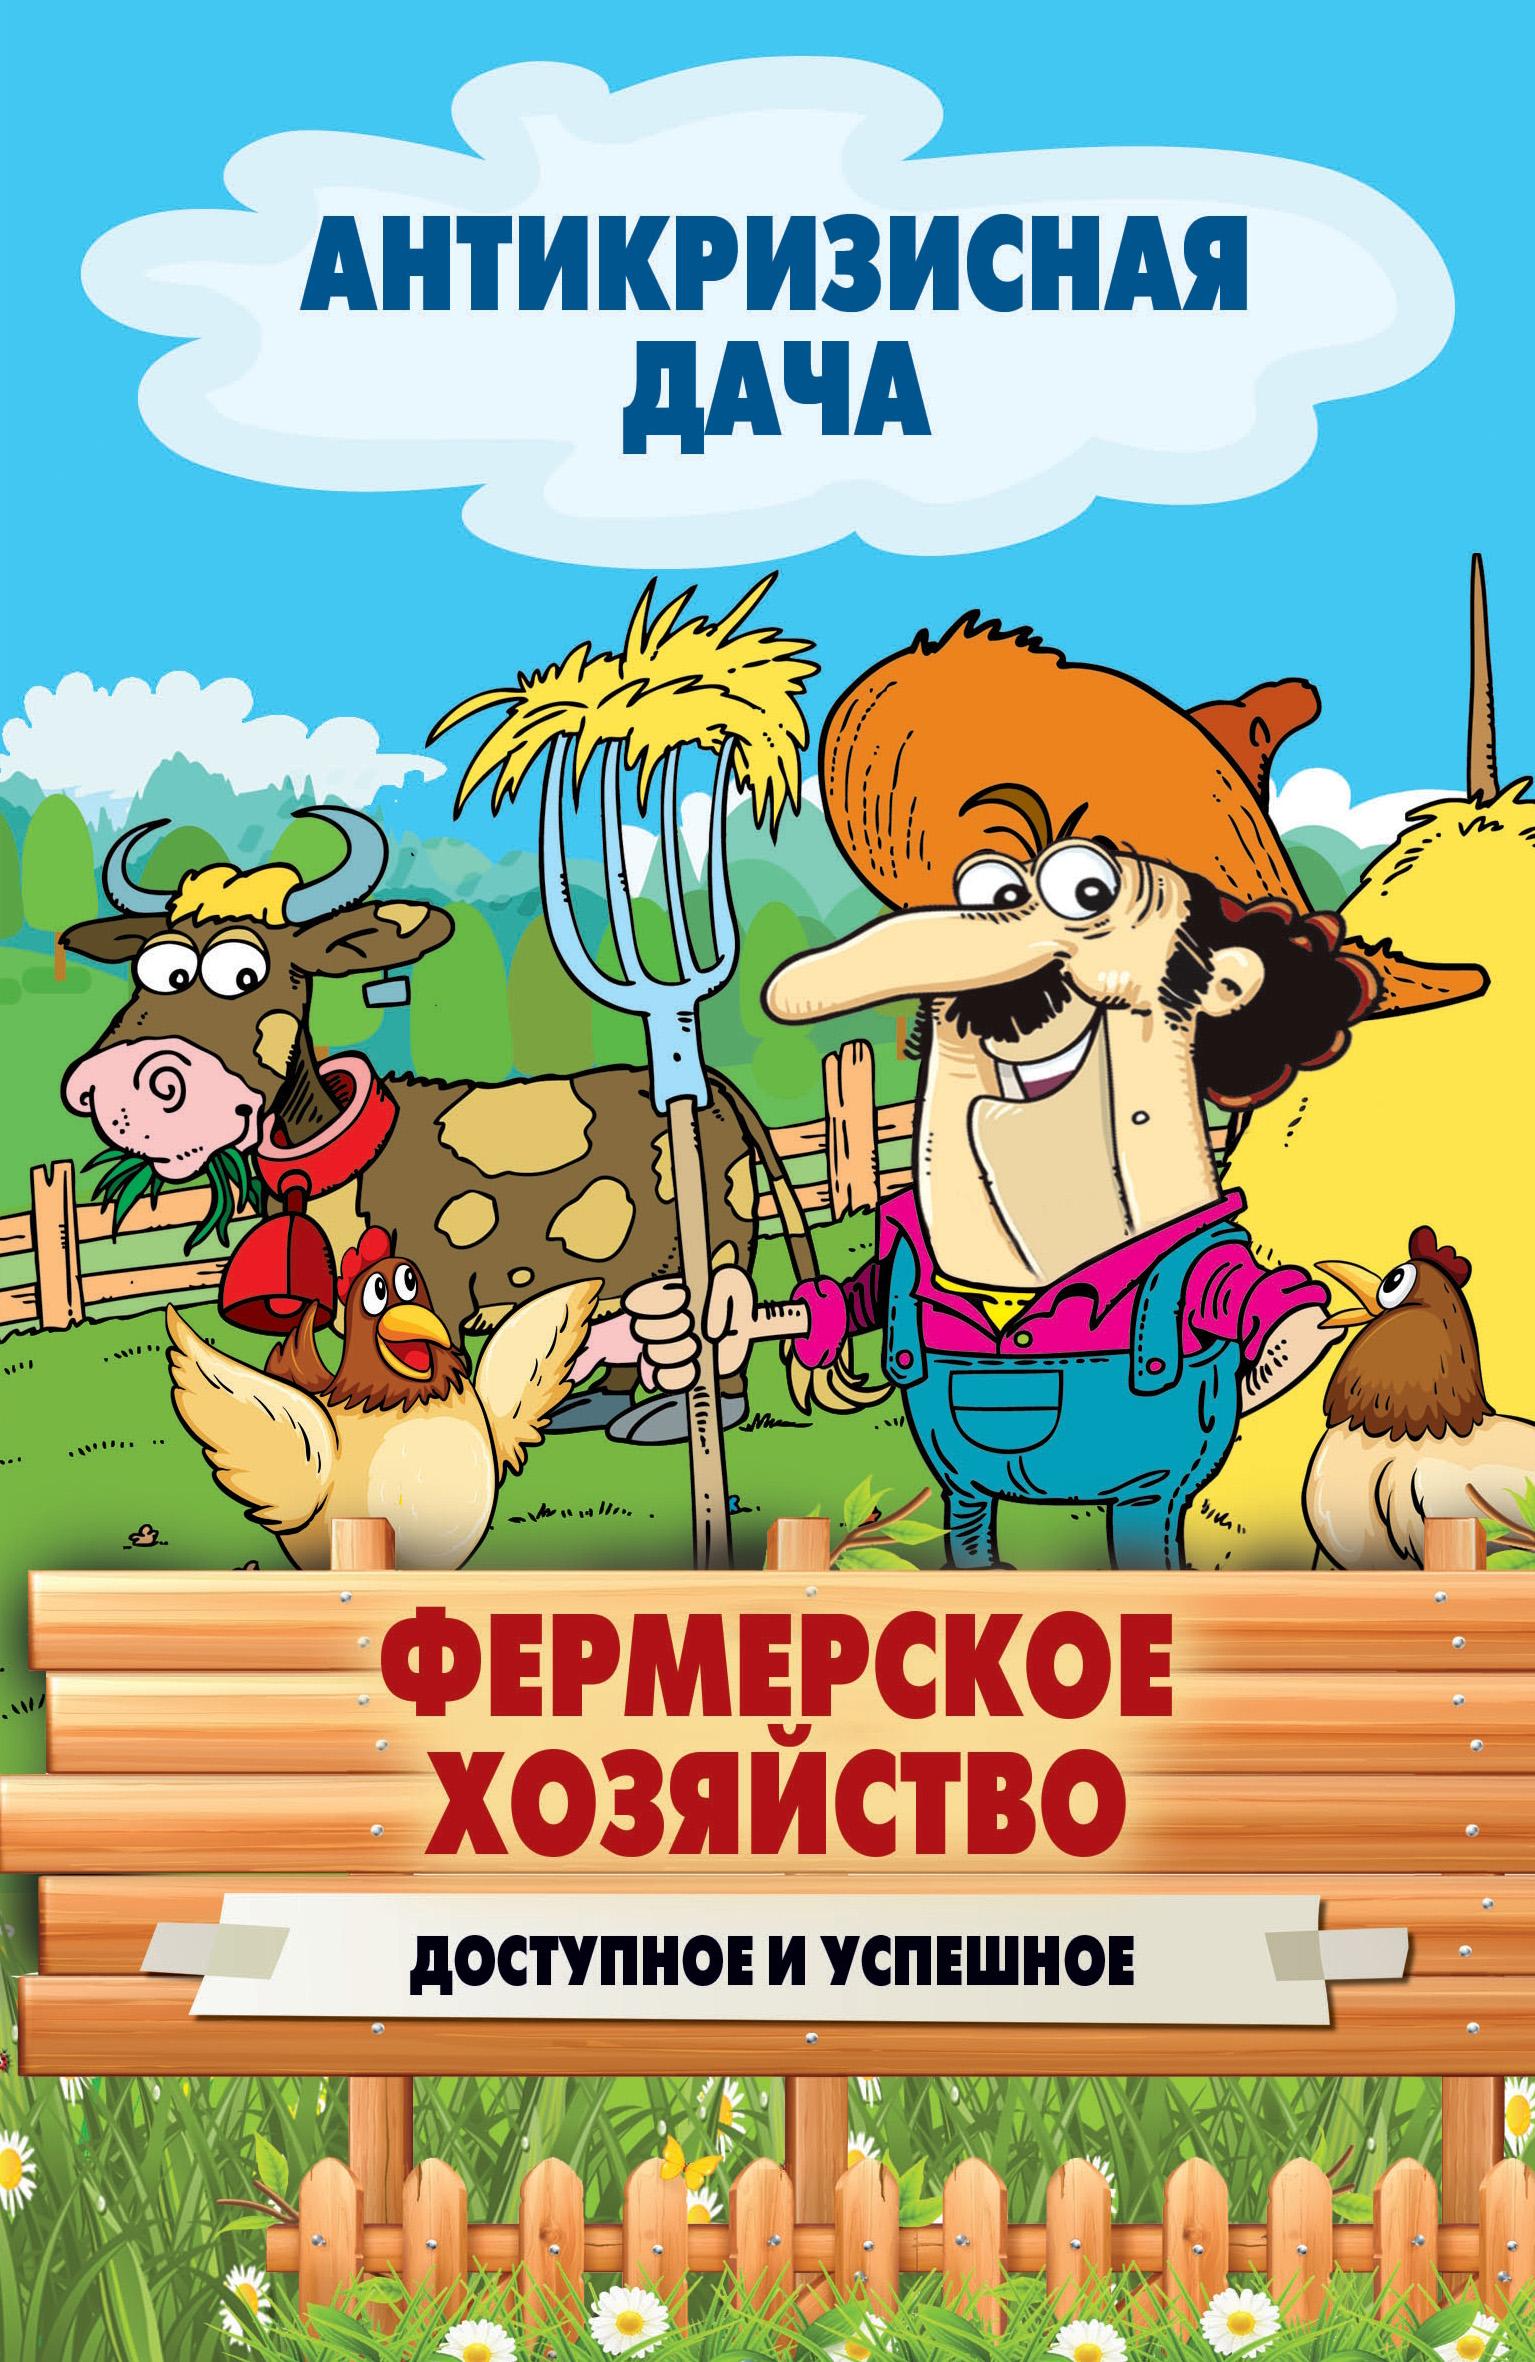 Отсутствует Фермерское хозяйство. Доступное и успешное авто по русски джип фермерское хозяйство